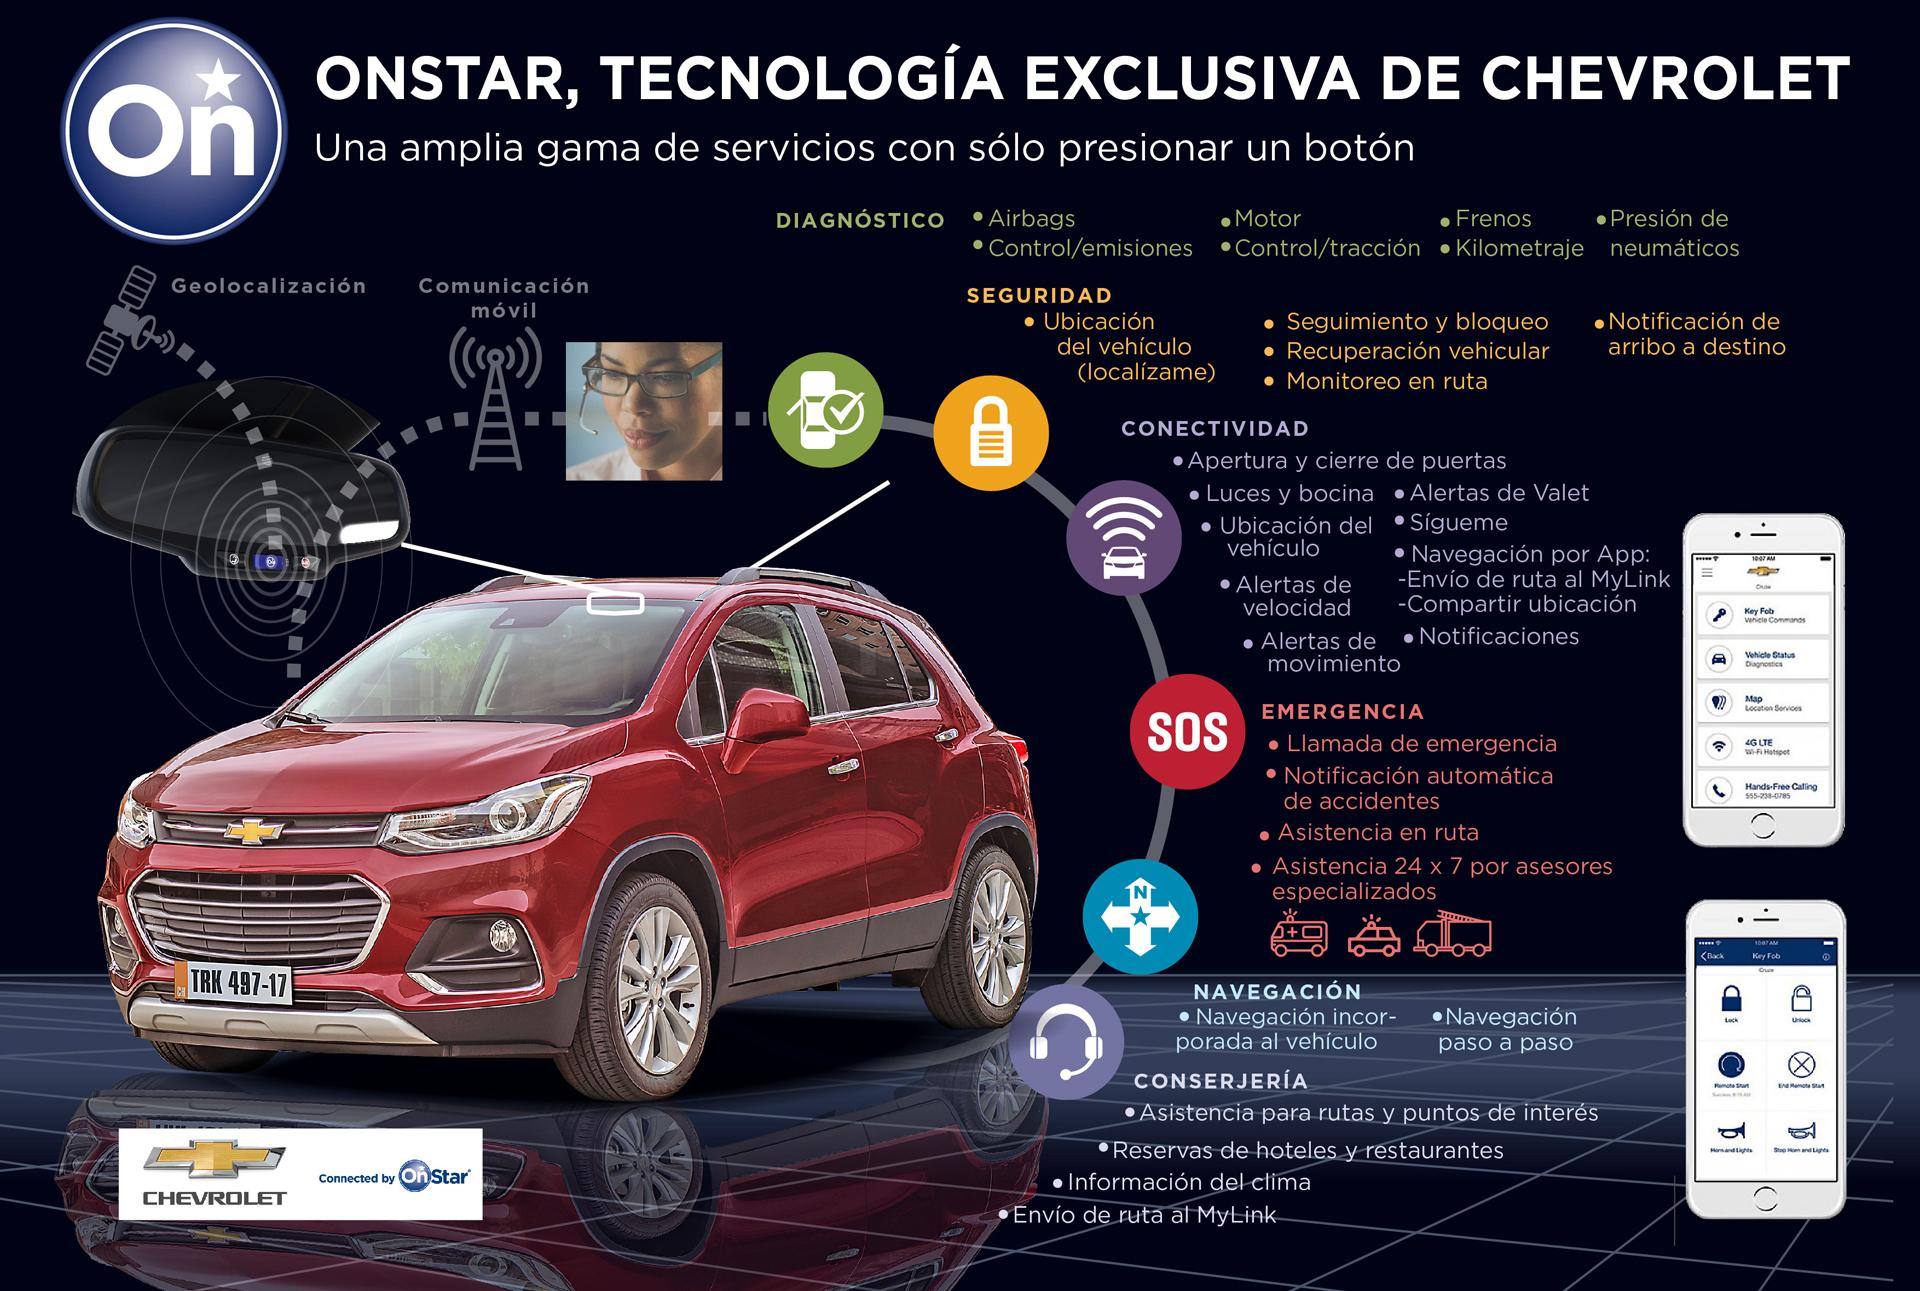 La tecnología OnStar, aplicada en este caso a la Chevrolet Tracker